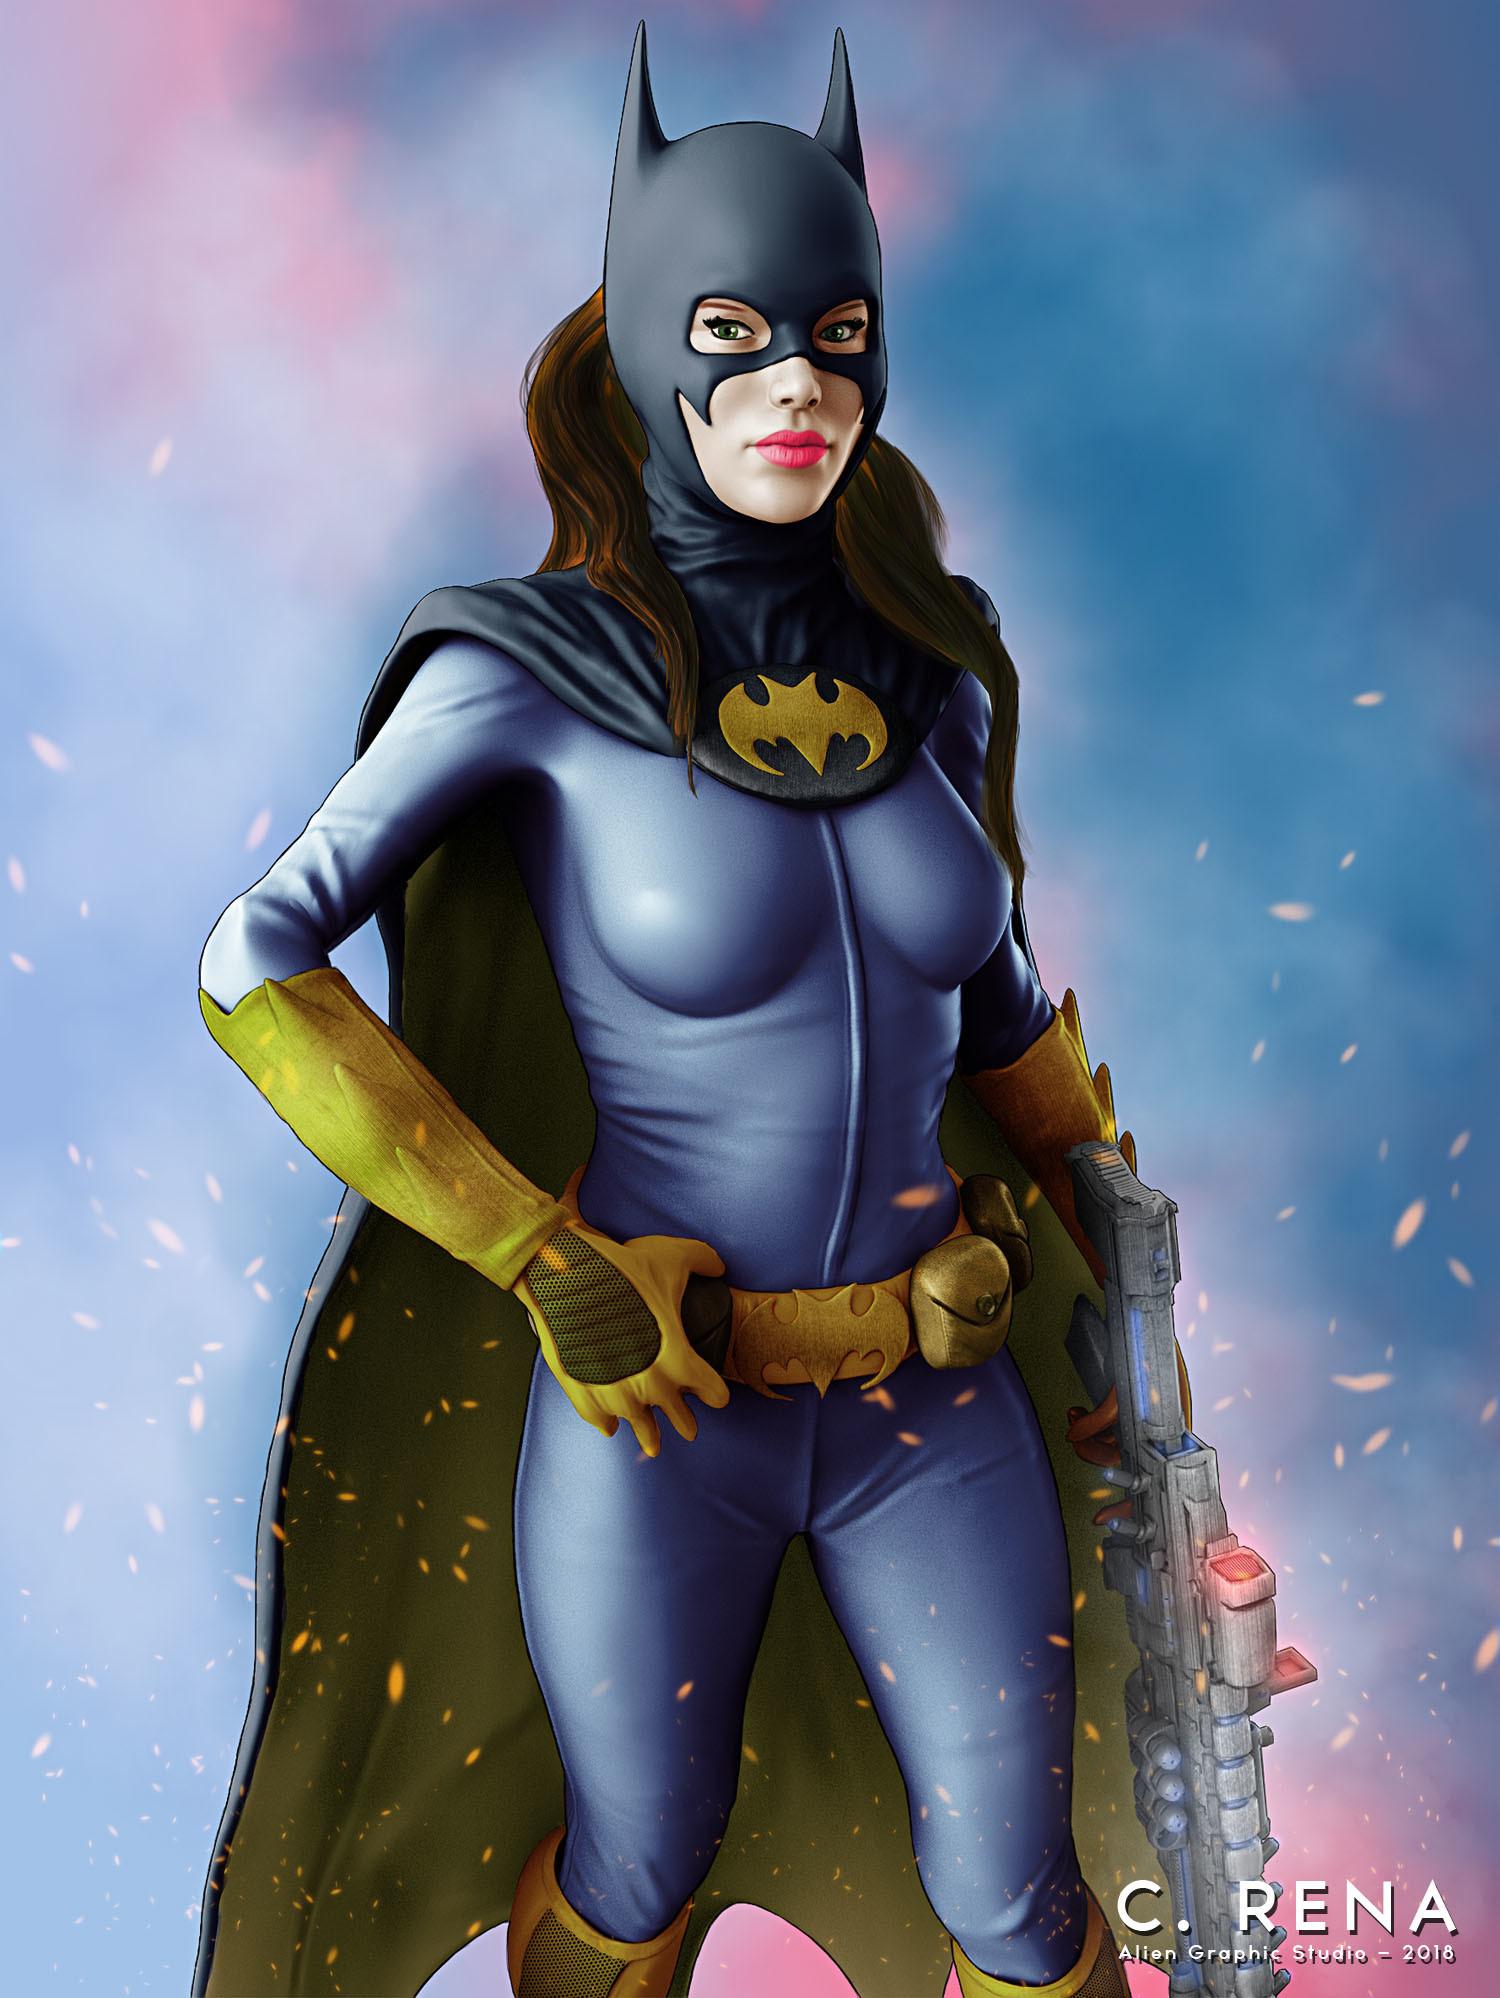 Chris rena final batgirl